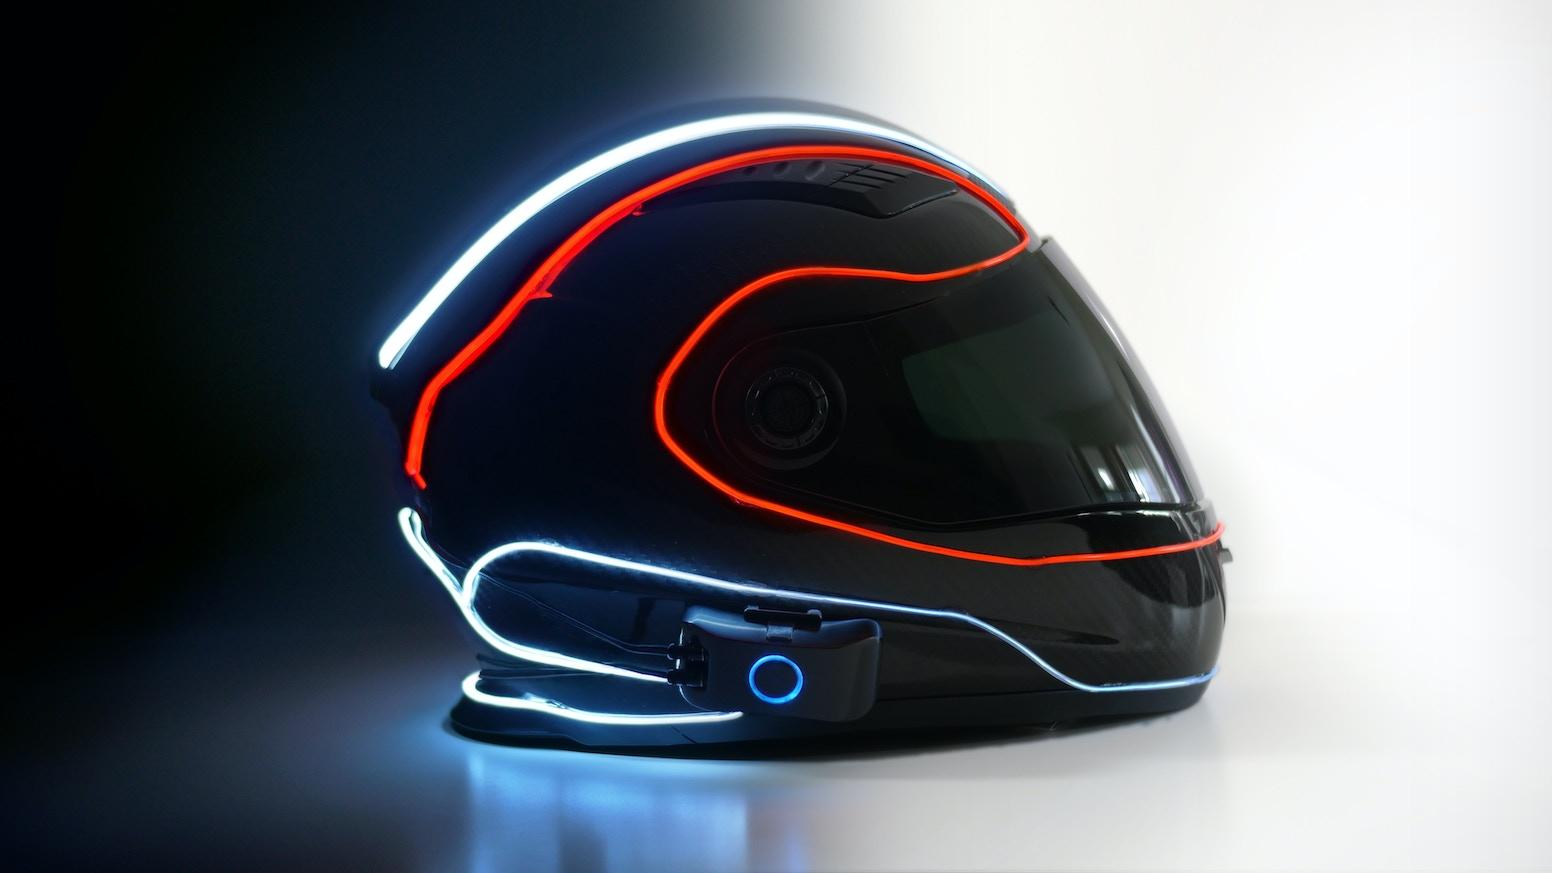 Illuminate Your Helmet | LightMode Kits Redesigned by LightMode ...